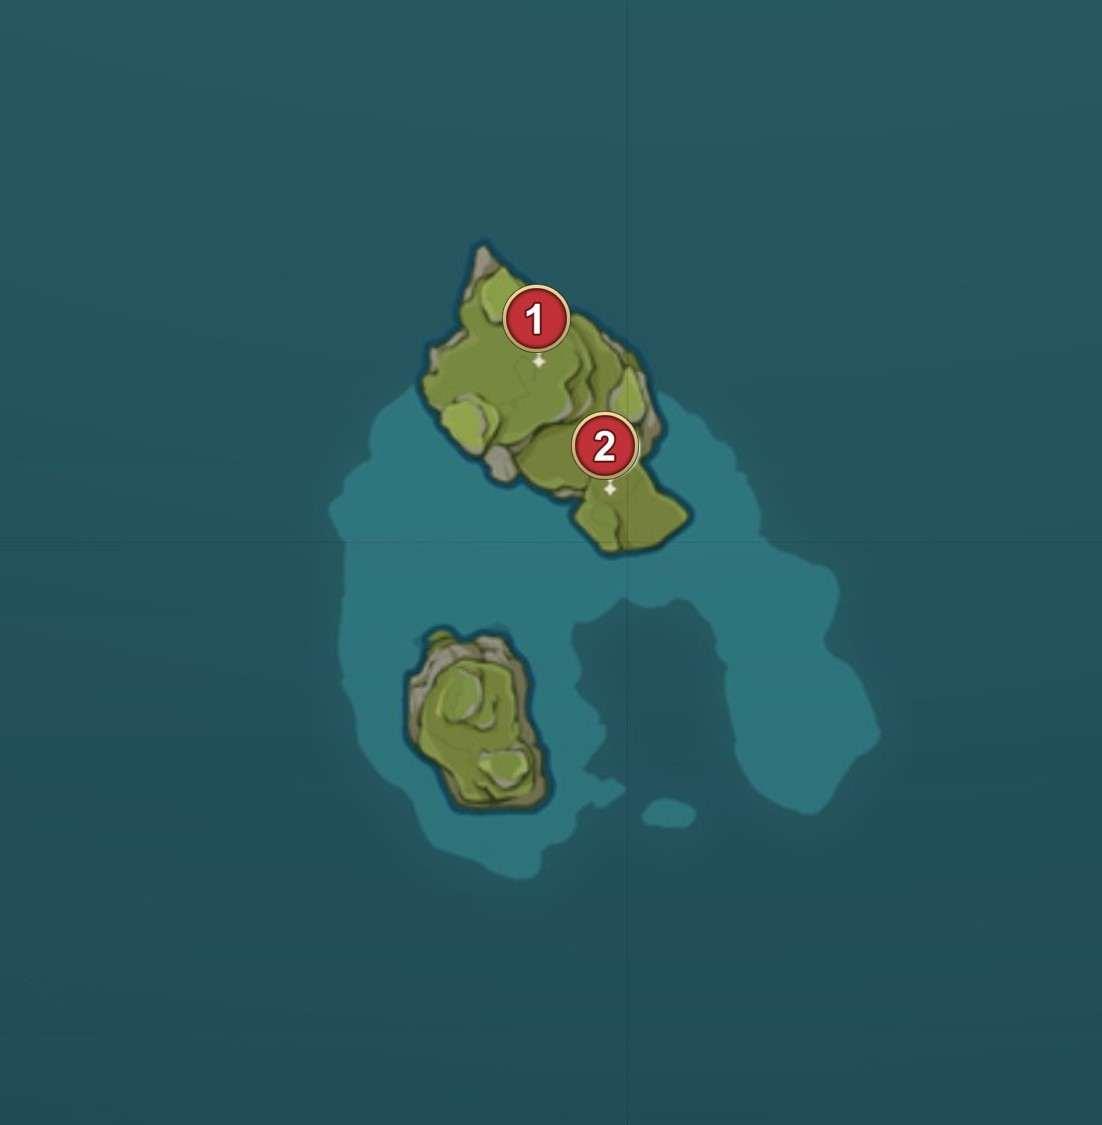 ハラハラ島